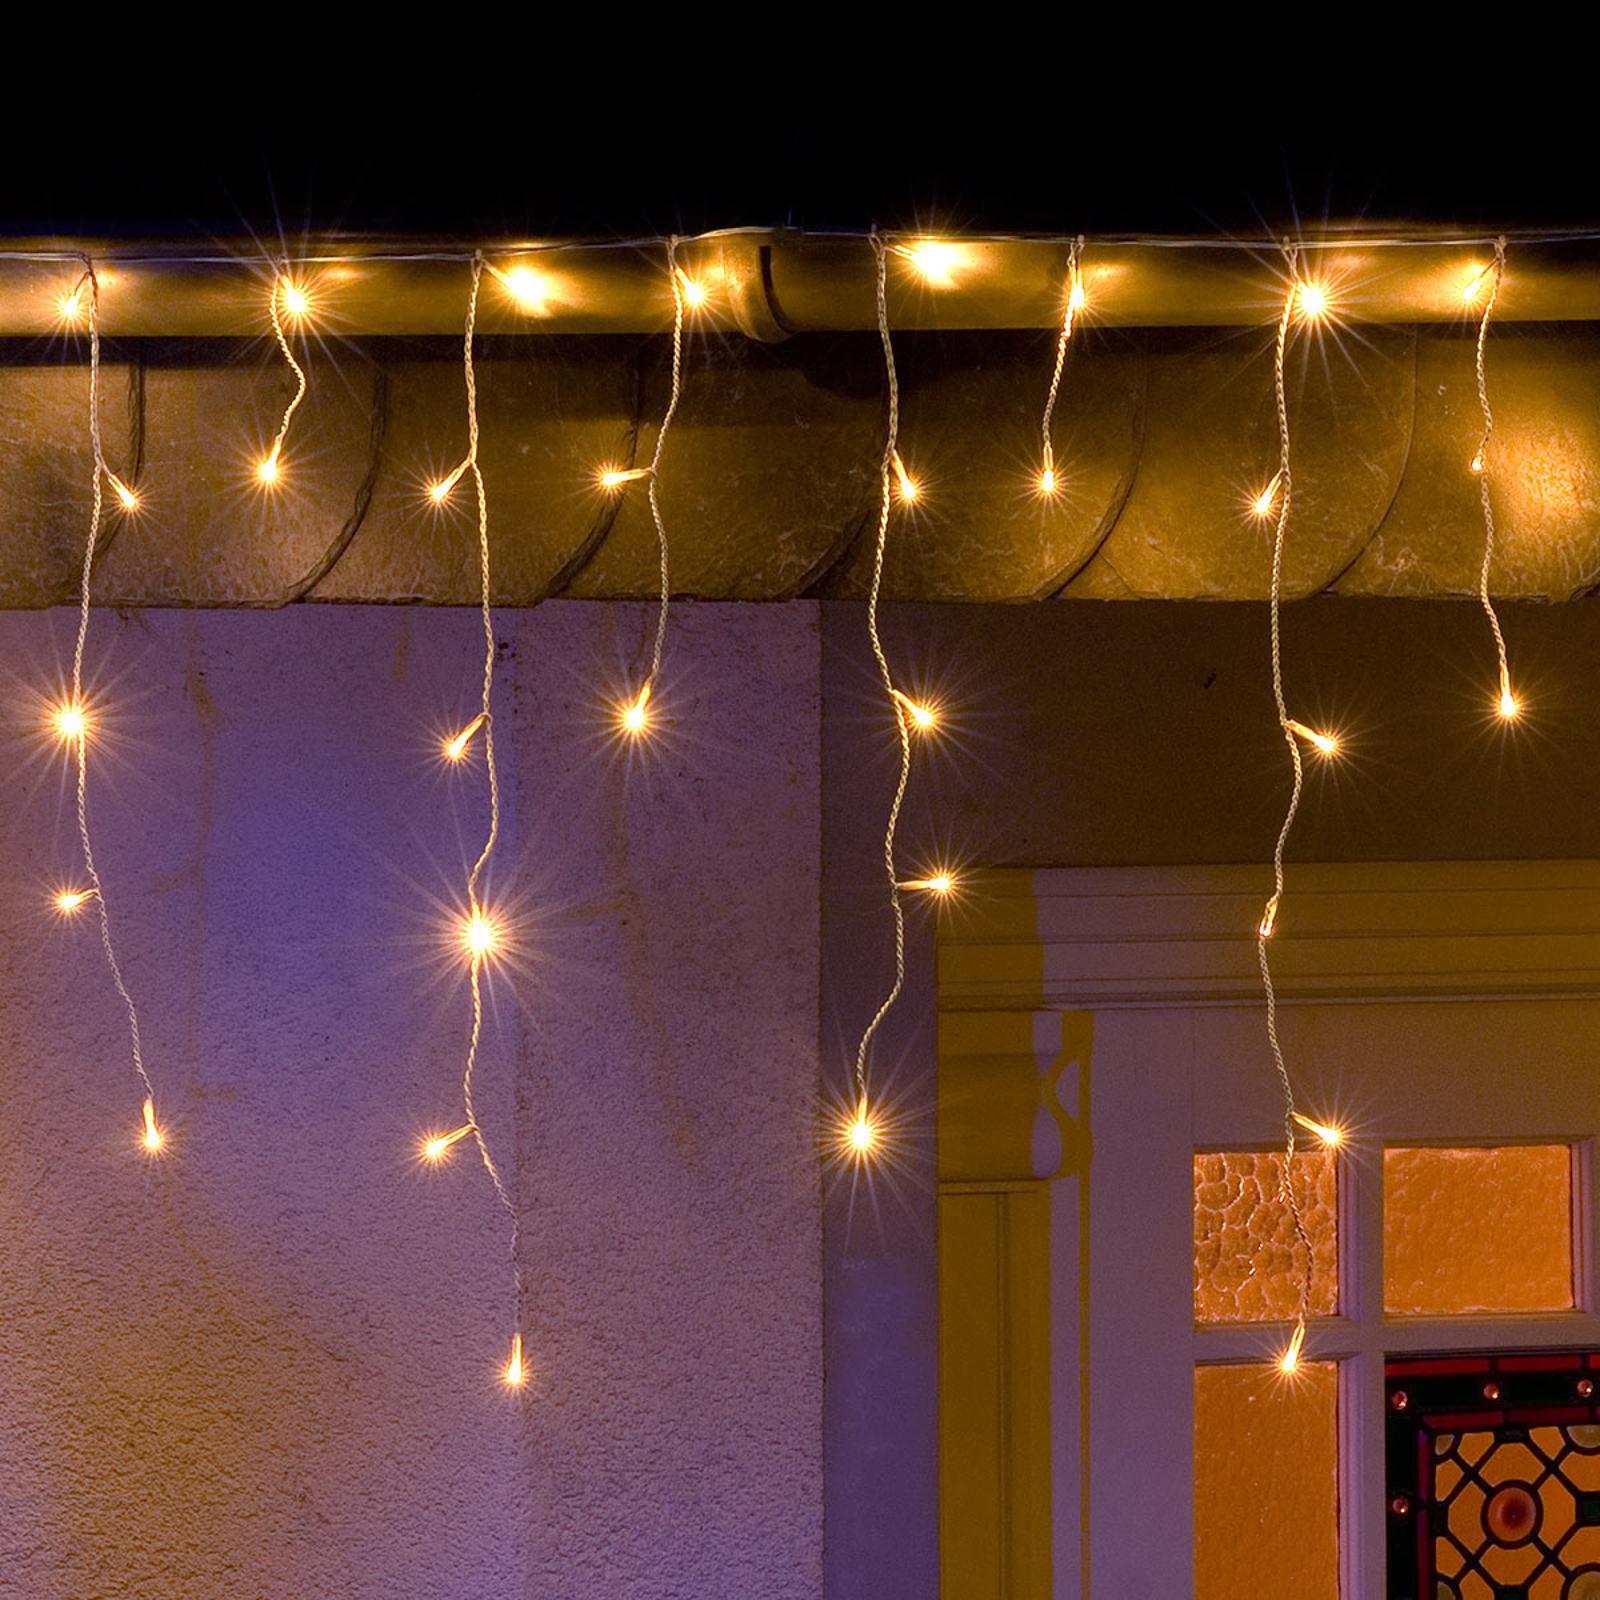 LED-Lichtervorhang Eisregen warmweiß weiß 5m